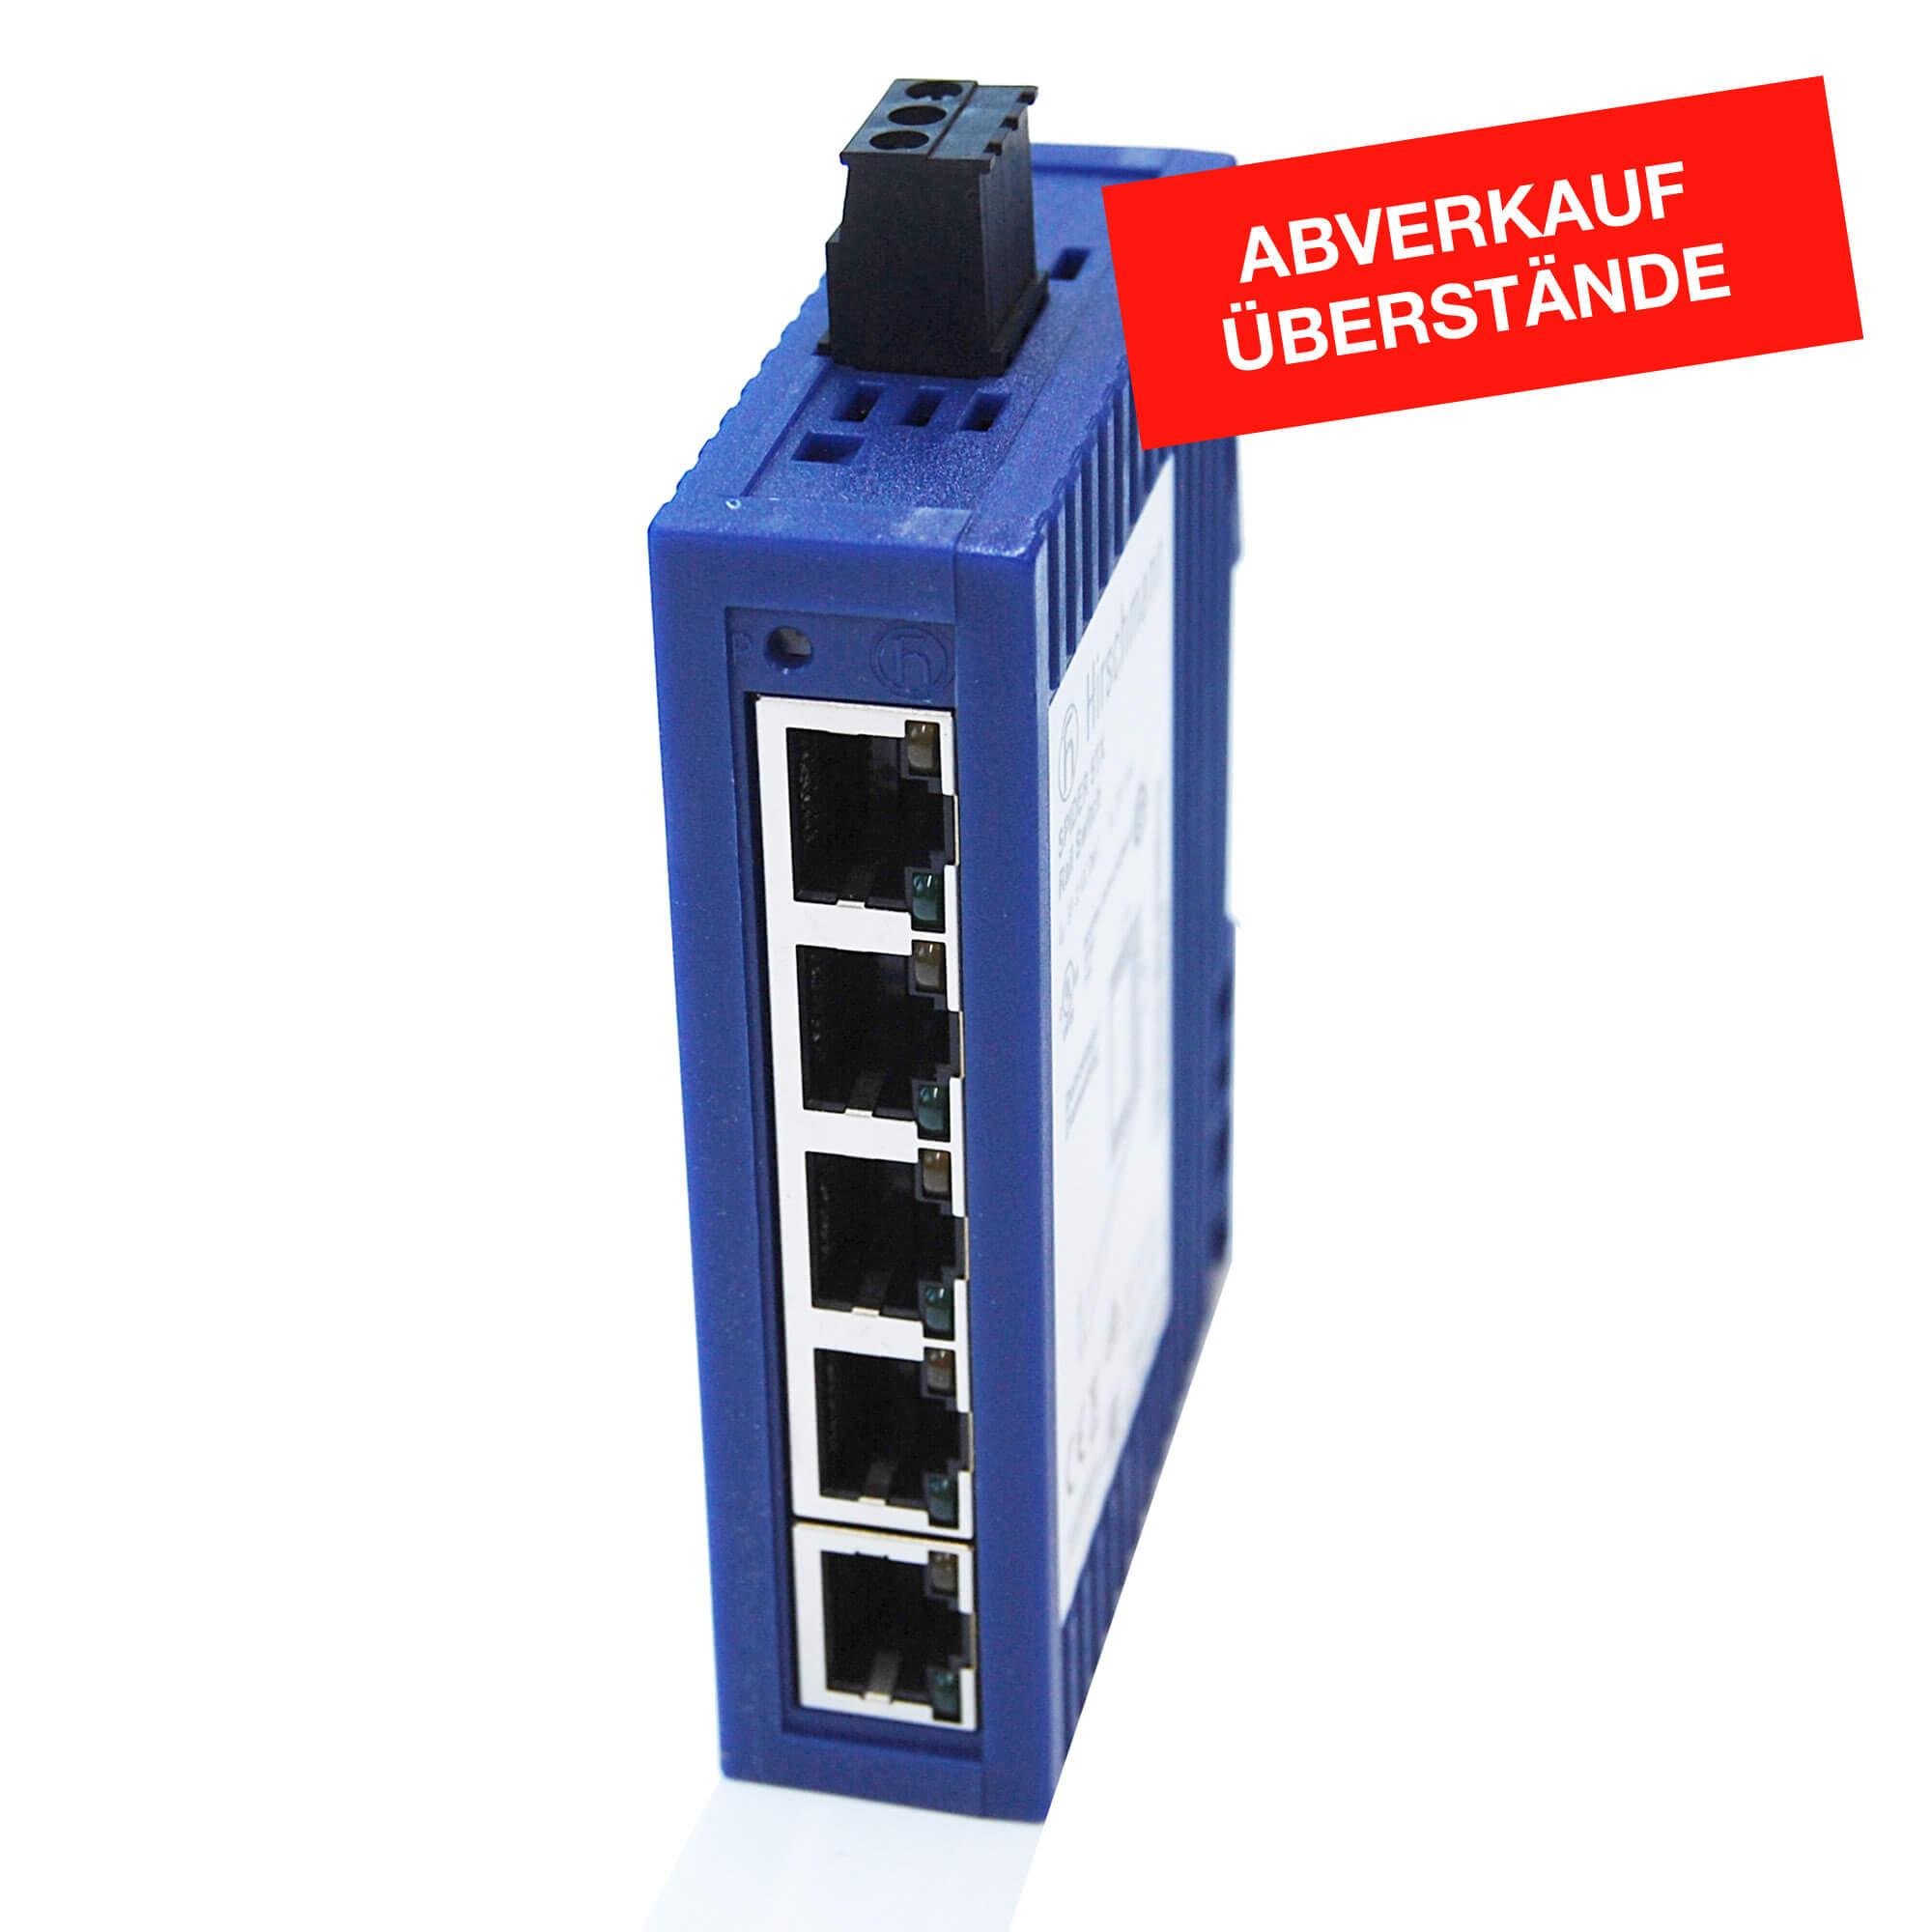 LWL-Patchkabel, ICS24, Kabel-Konfektion, Netzwerktechnik, Netzwerkkomponenten, Sicherheitstechnik, Hirschmann, AdPoS, Mobotix, Sicherheitskameras, USV-Anlagen